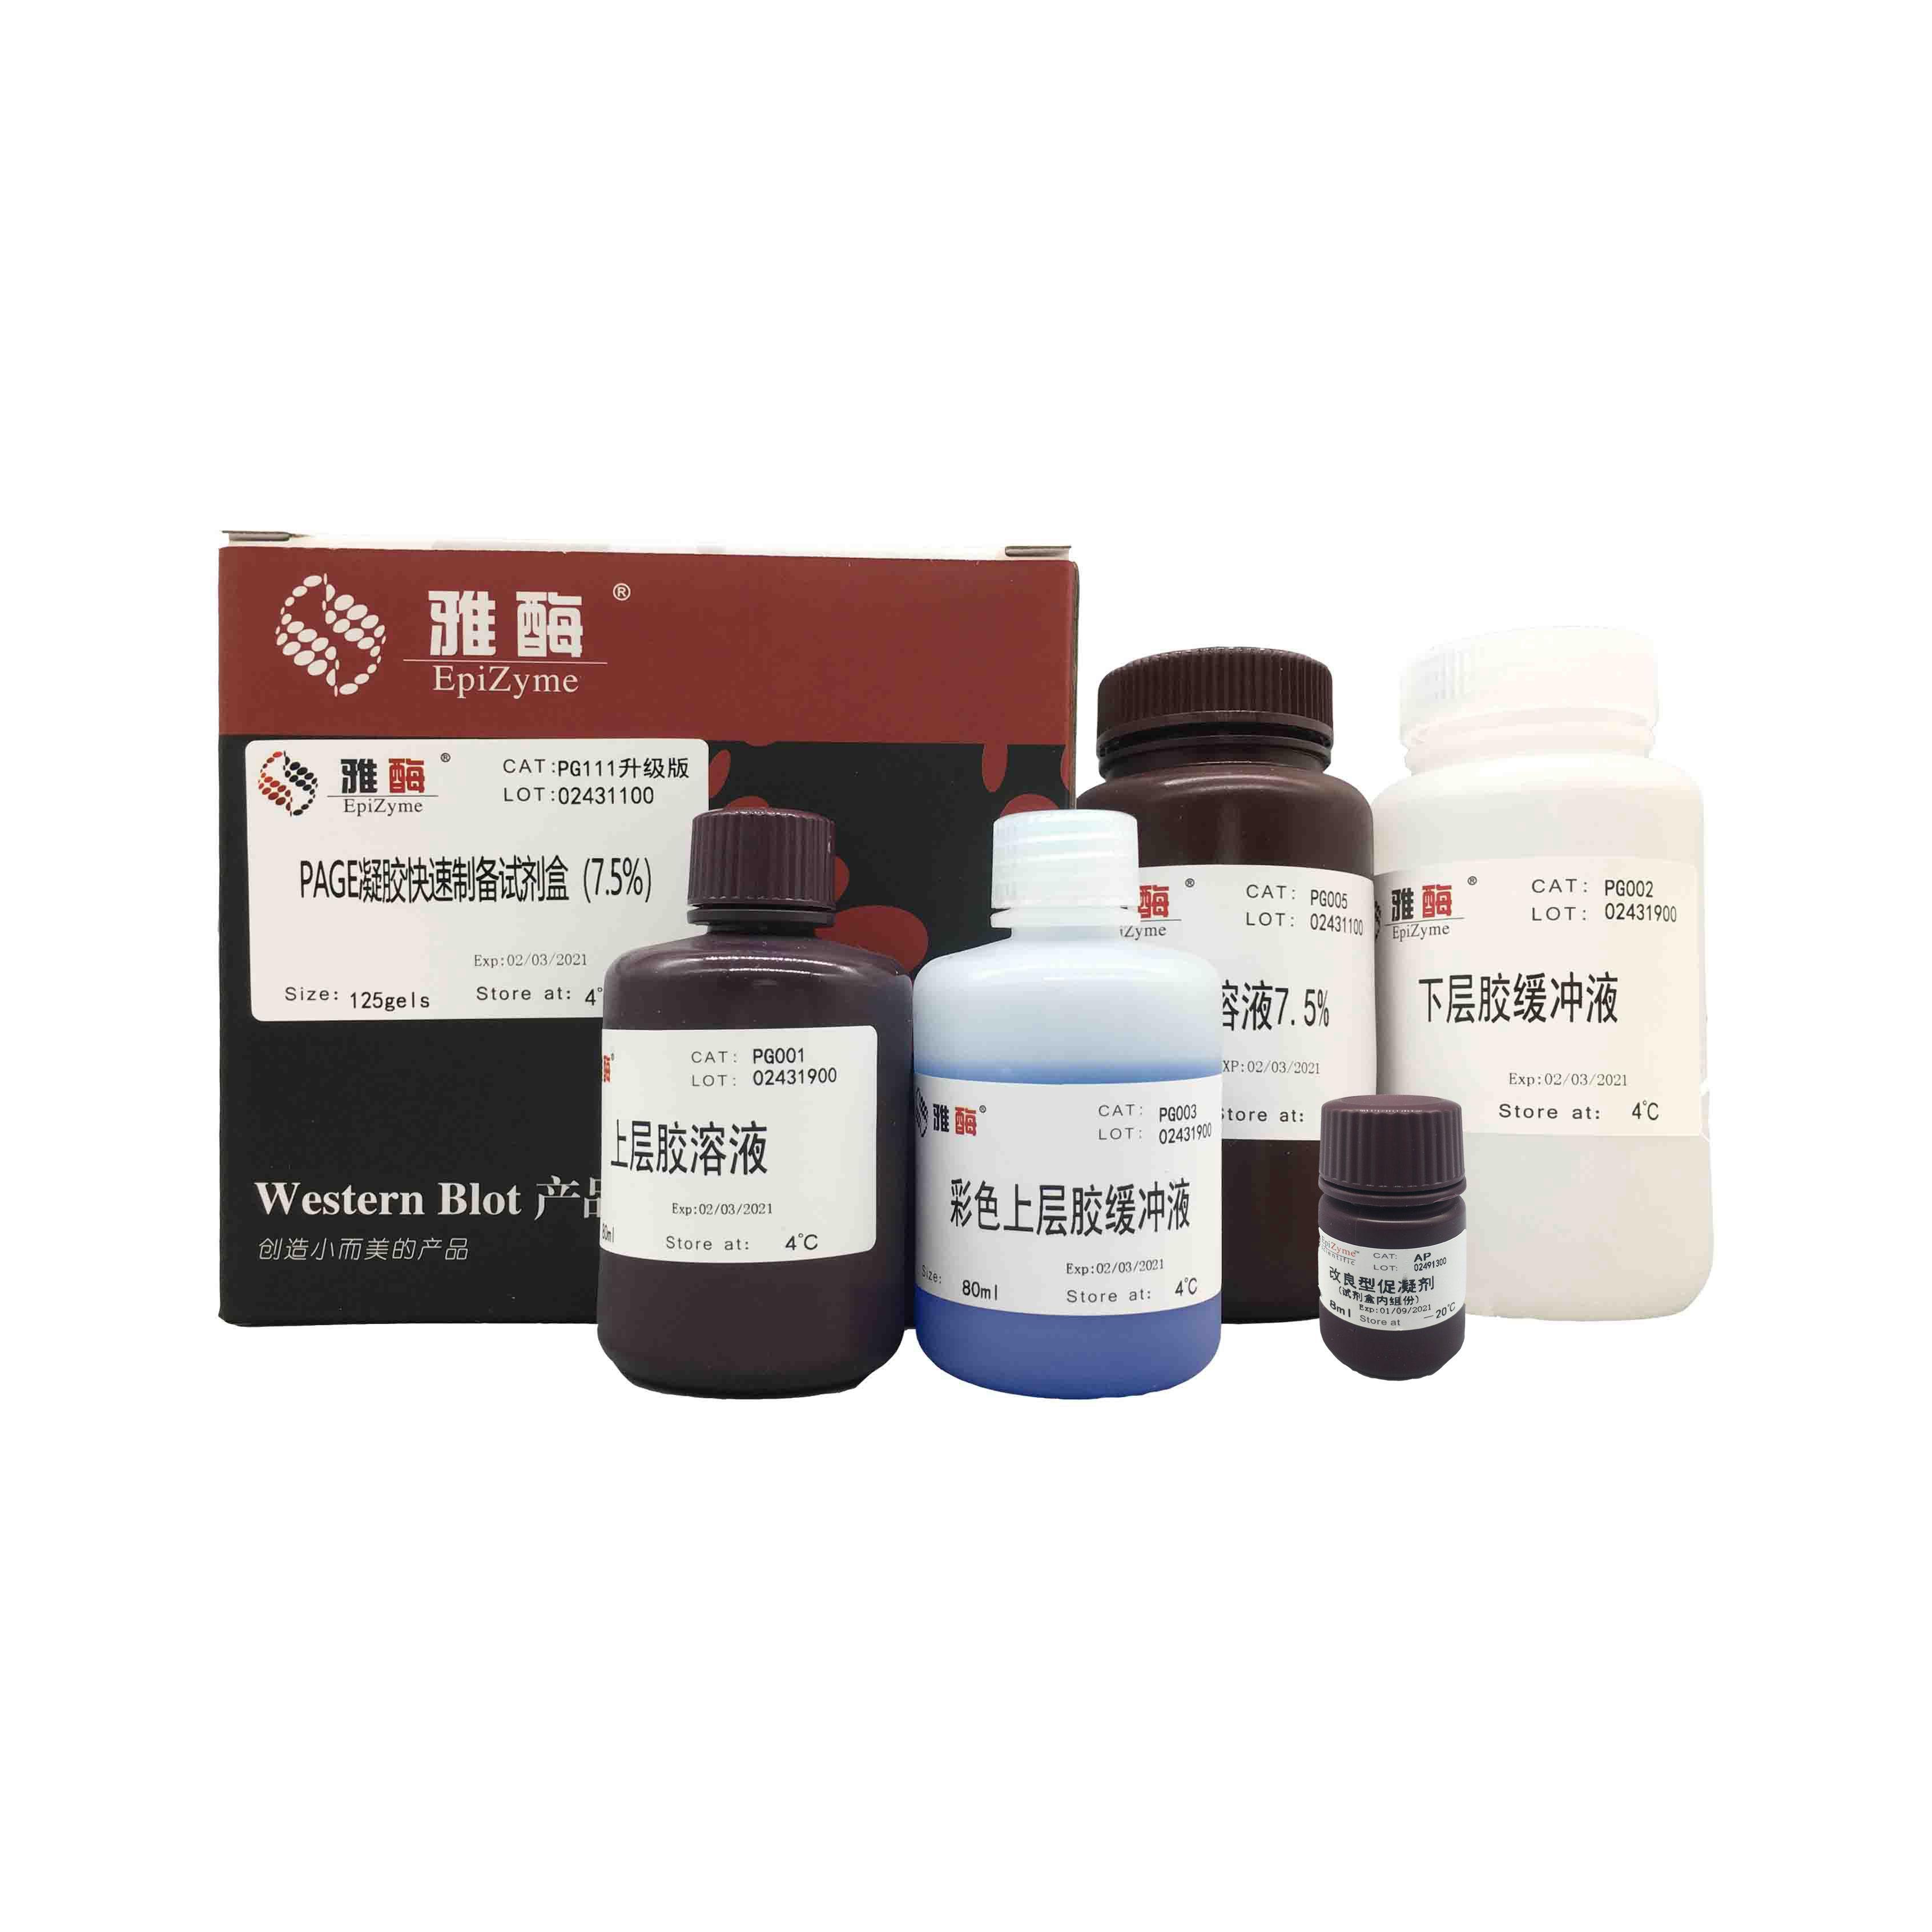 PG111 PAGE凝胶快速制备试剂盒7.5%